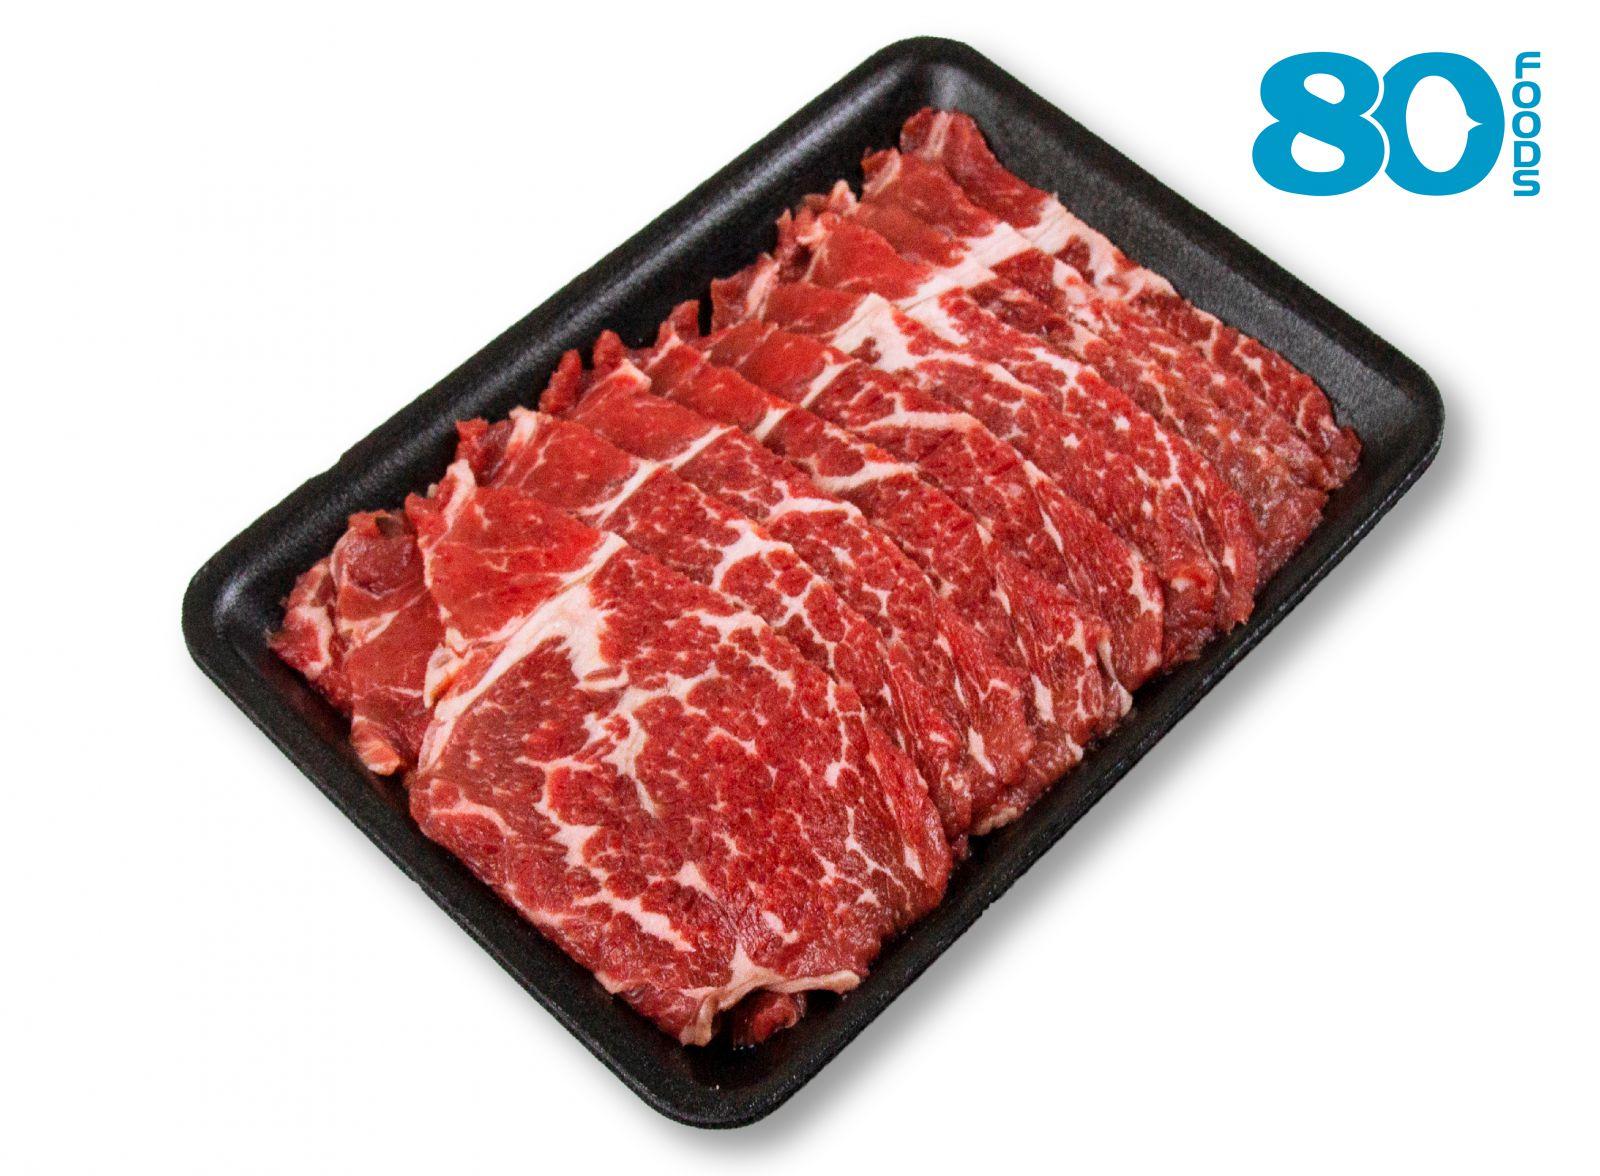 Nạc vai bò Mỹ cắt nướng